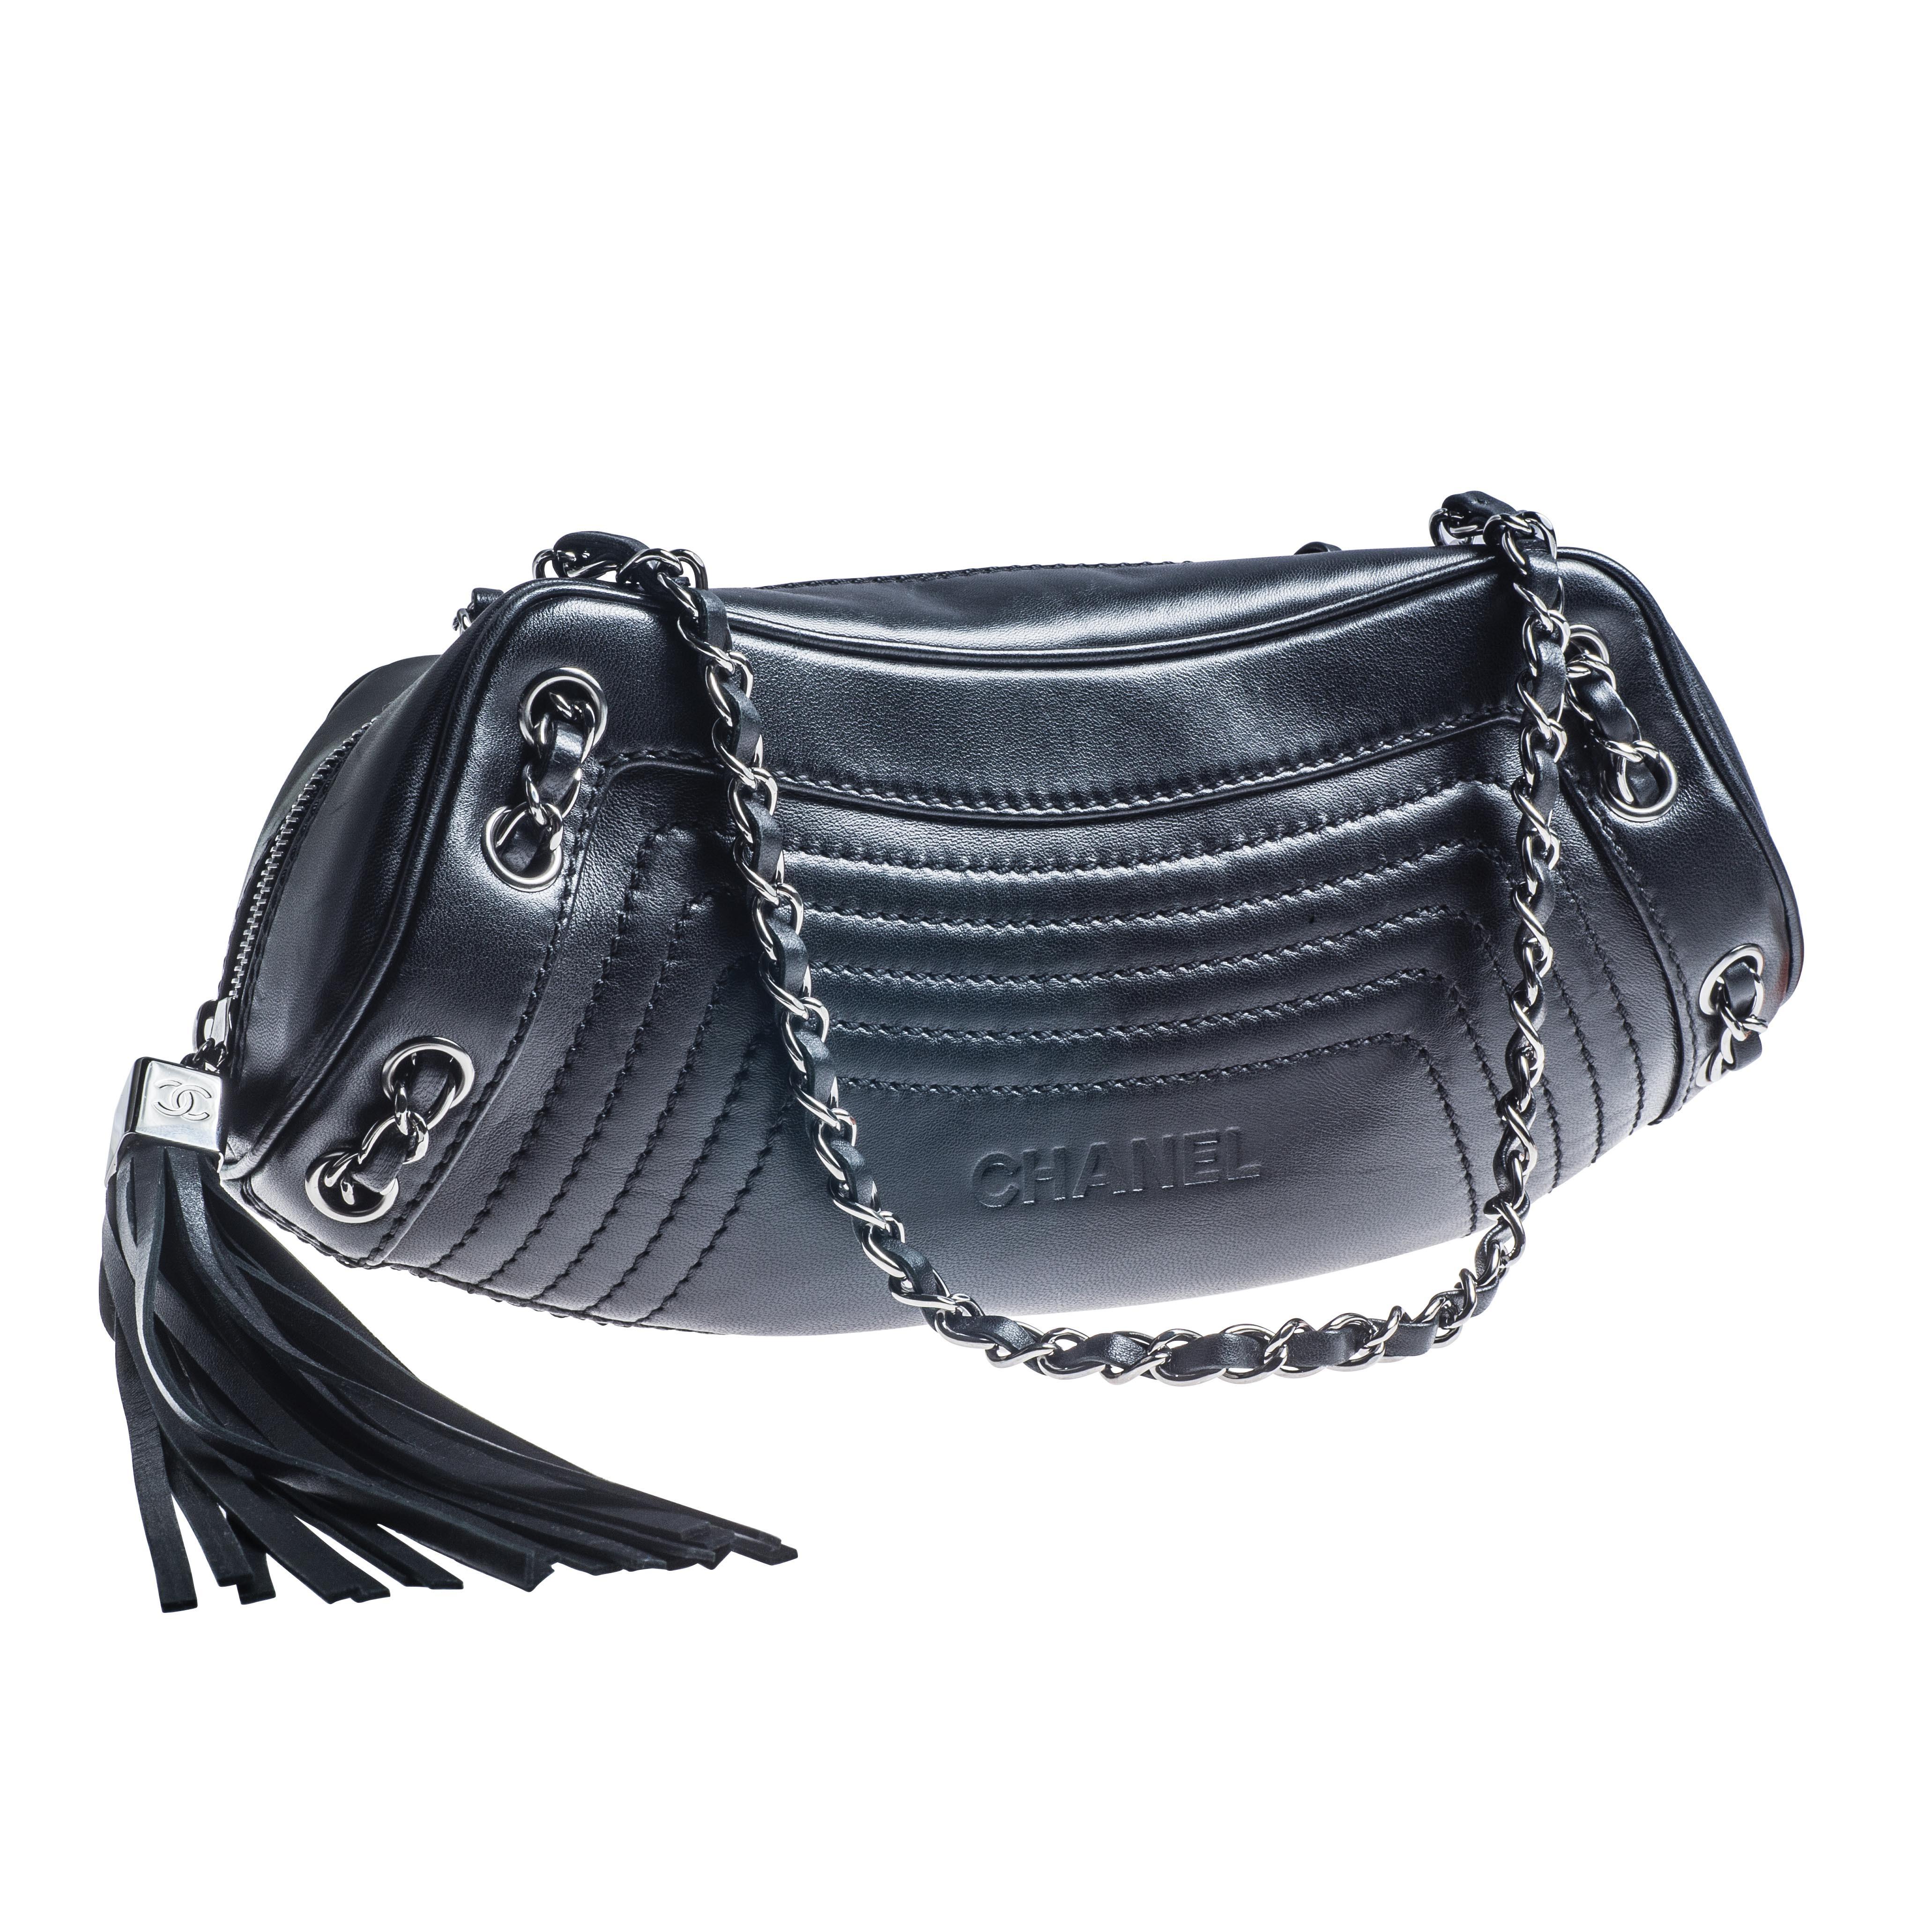 Vintage Chanel Black Tassel Shoulder Handbag